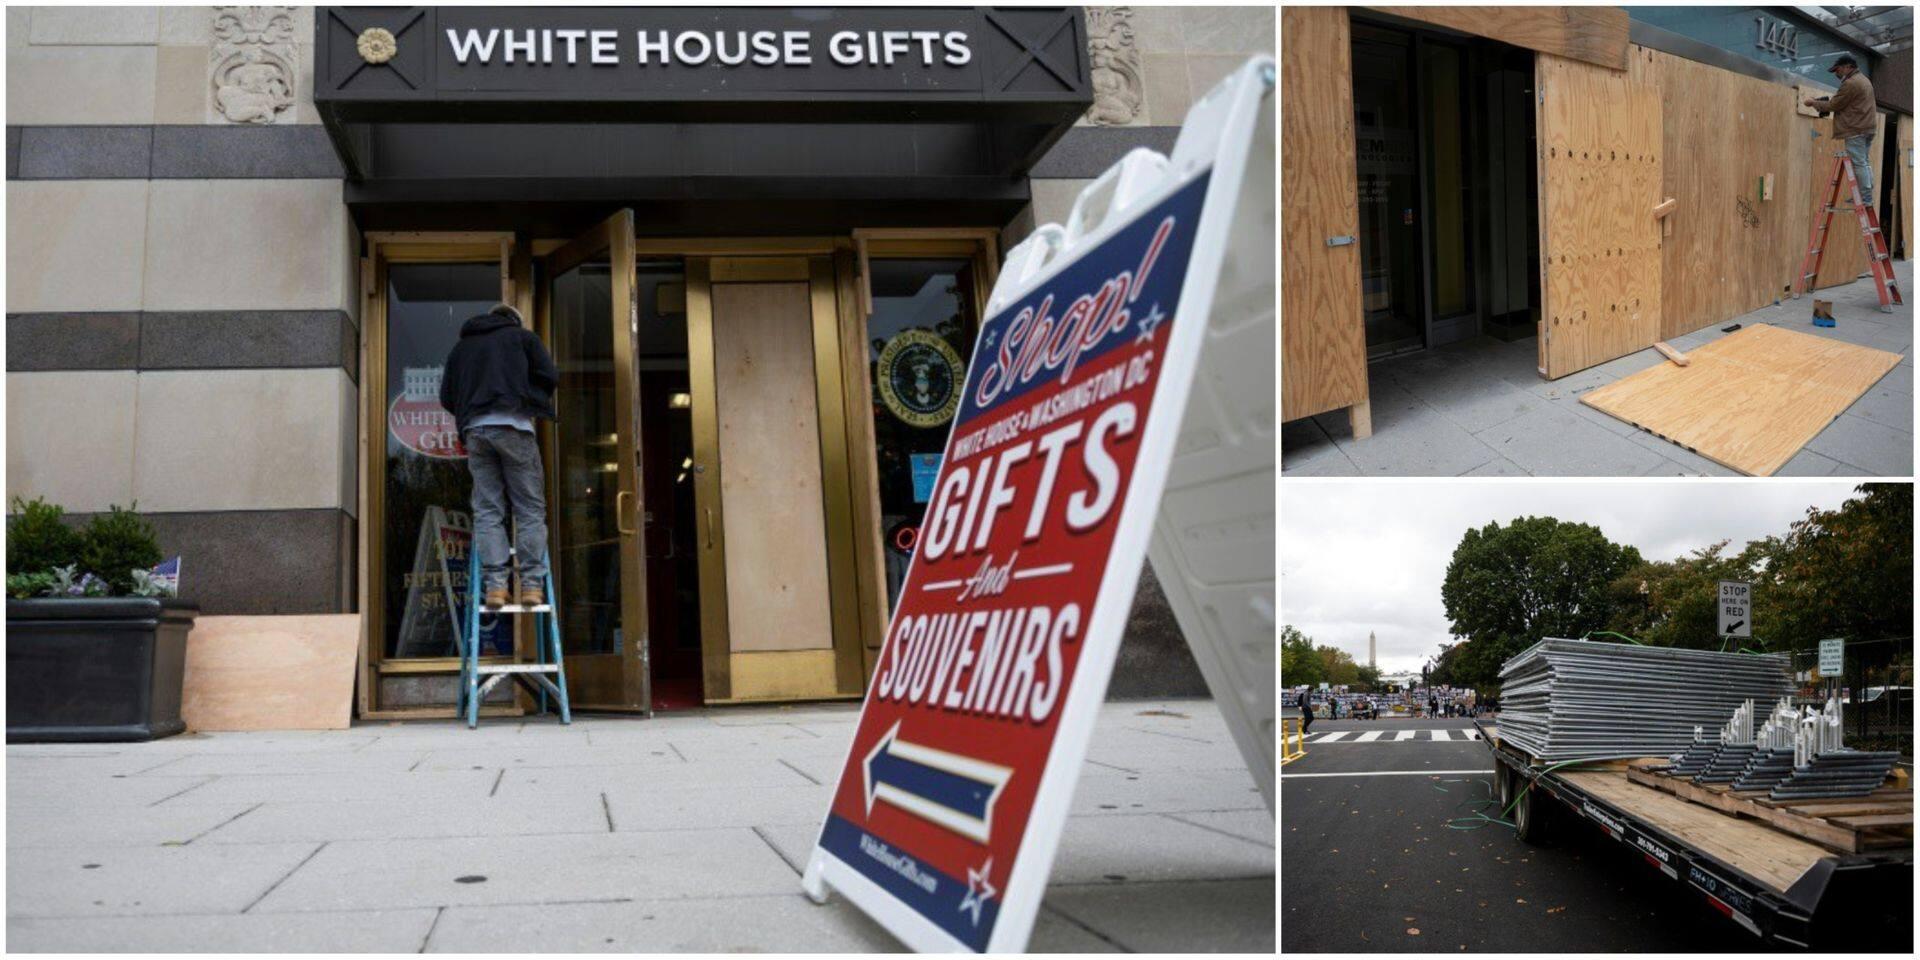 A quelques jours de l'élection, Washington se barricade par crainte de violences